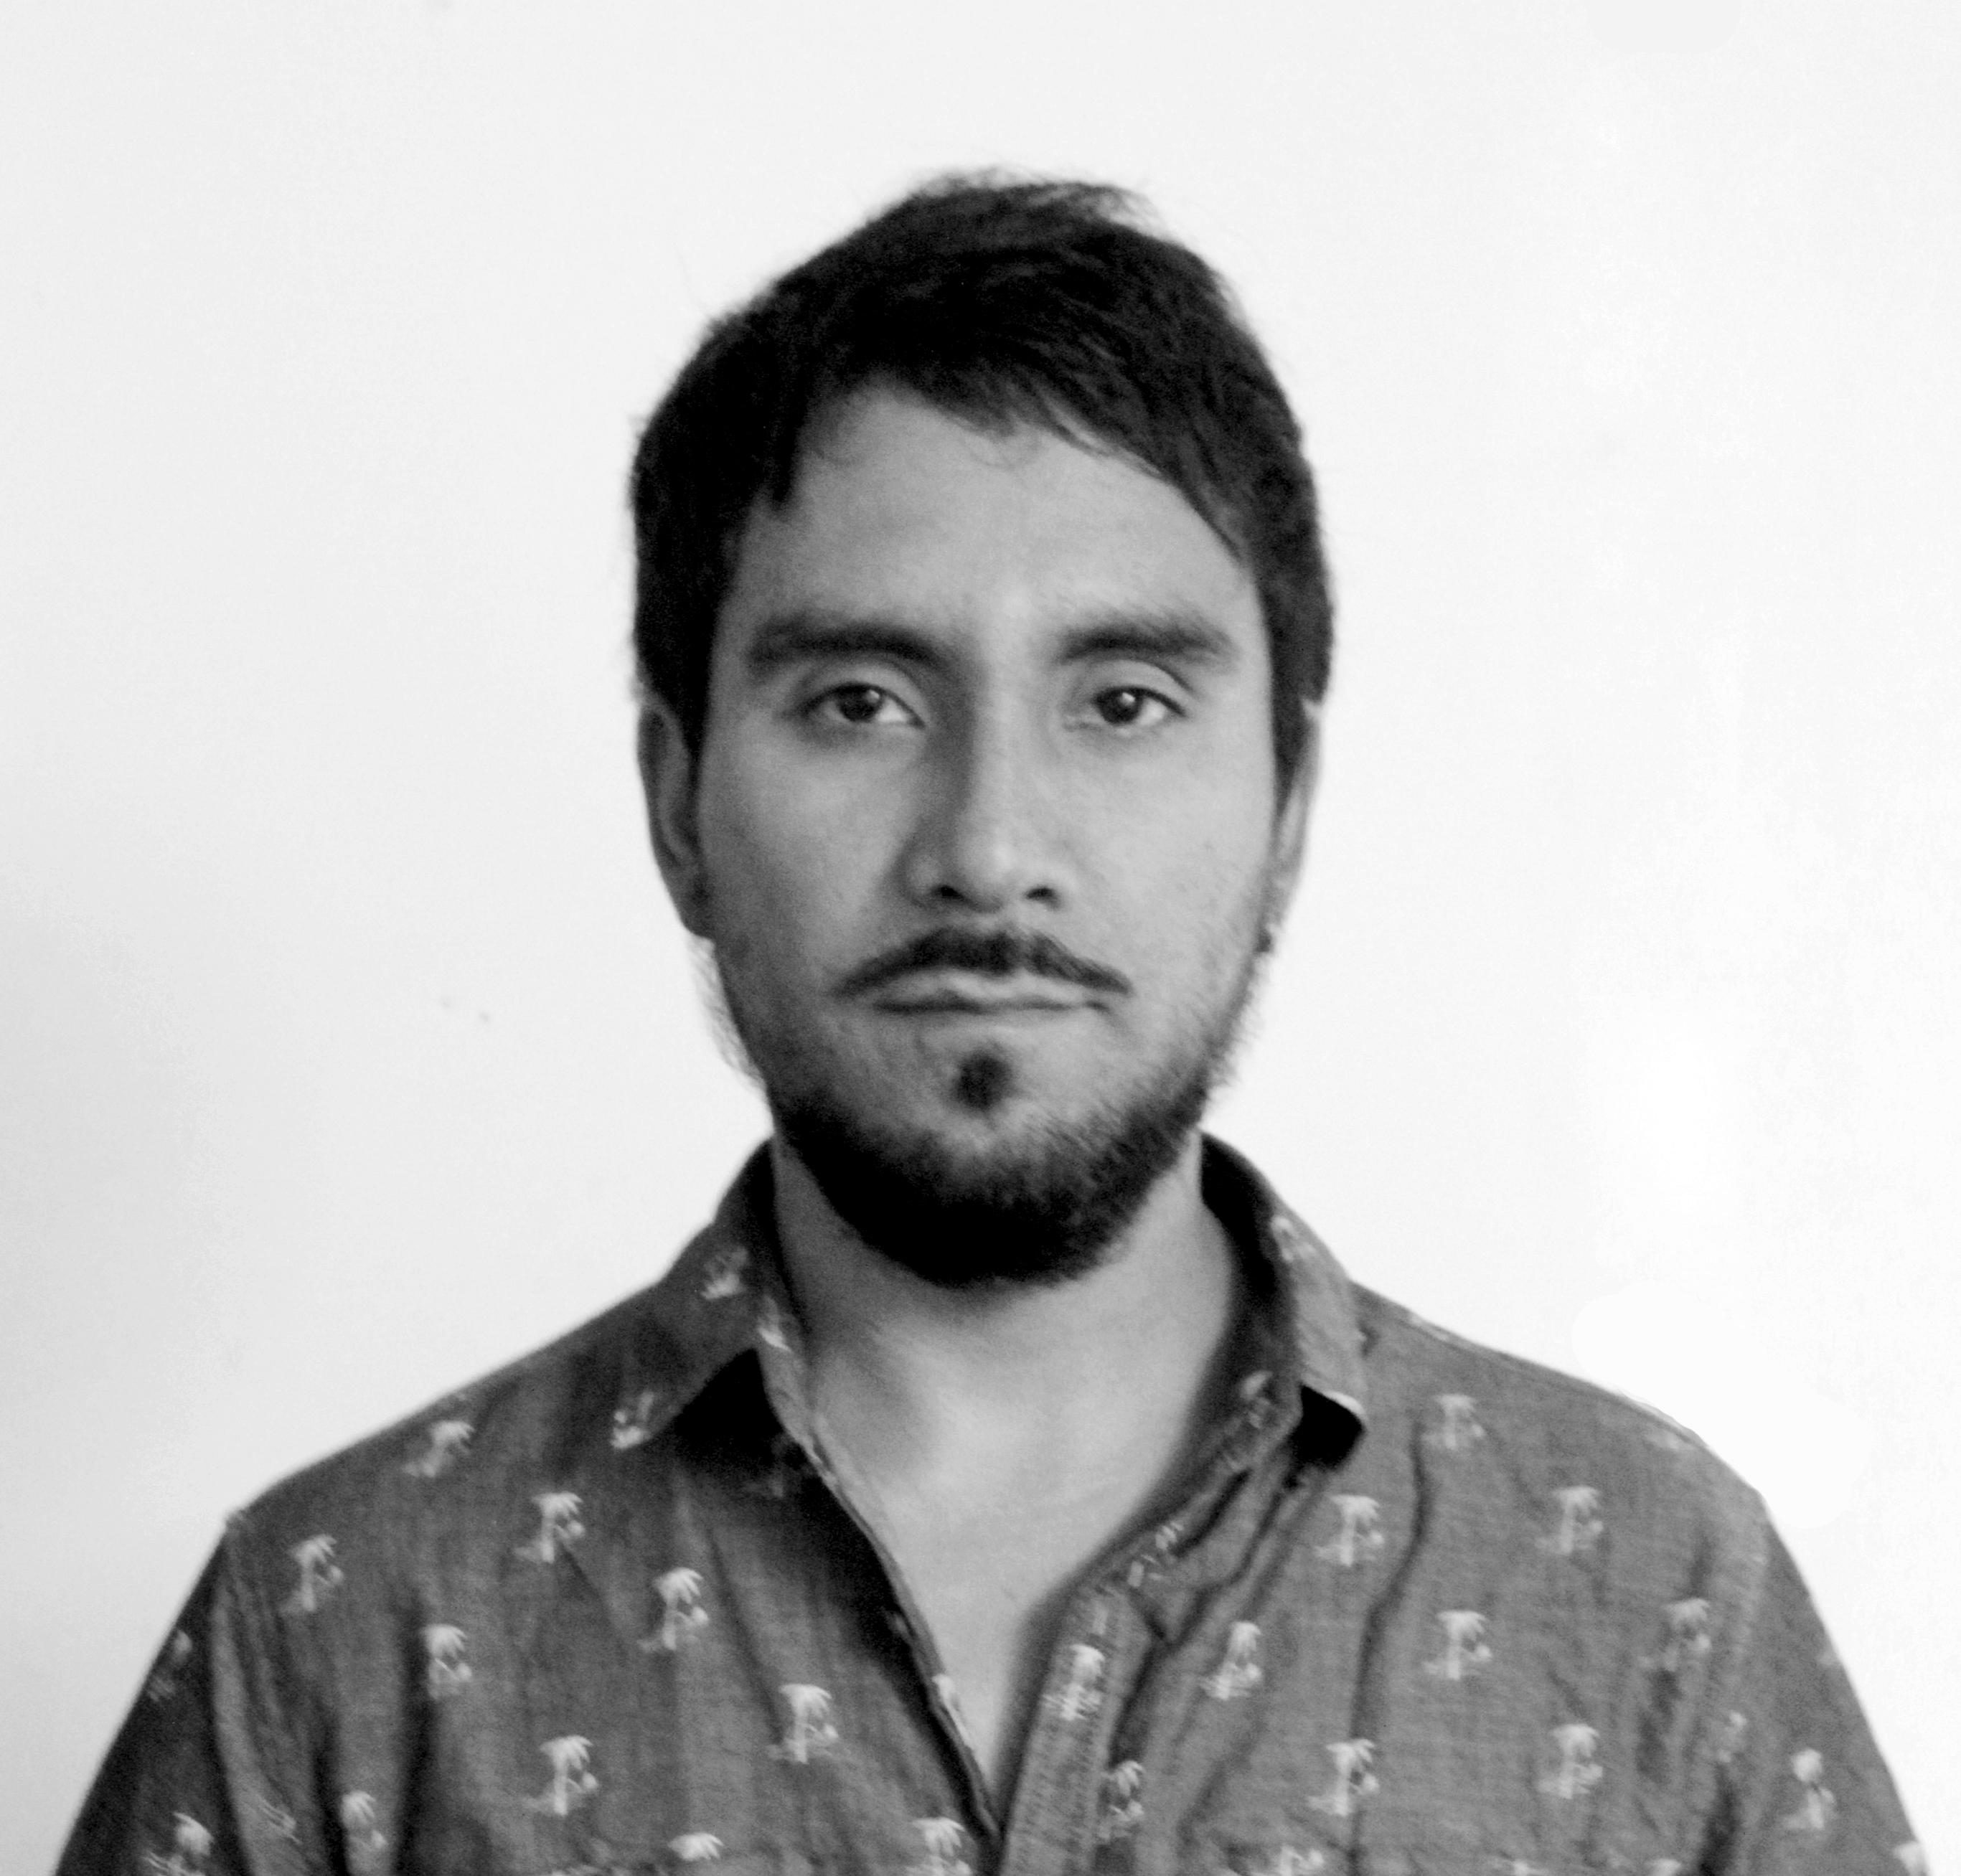 Paulo Fernandez